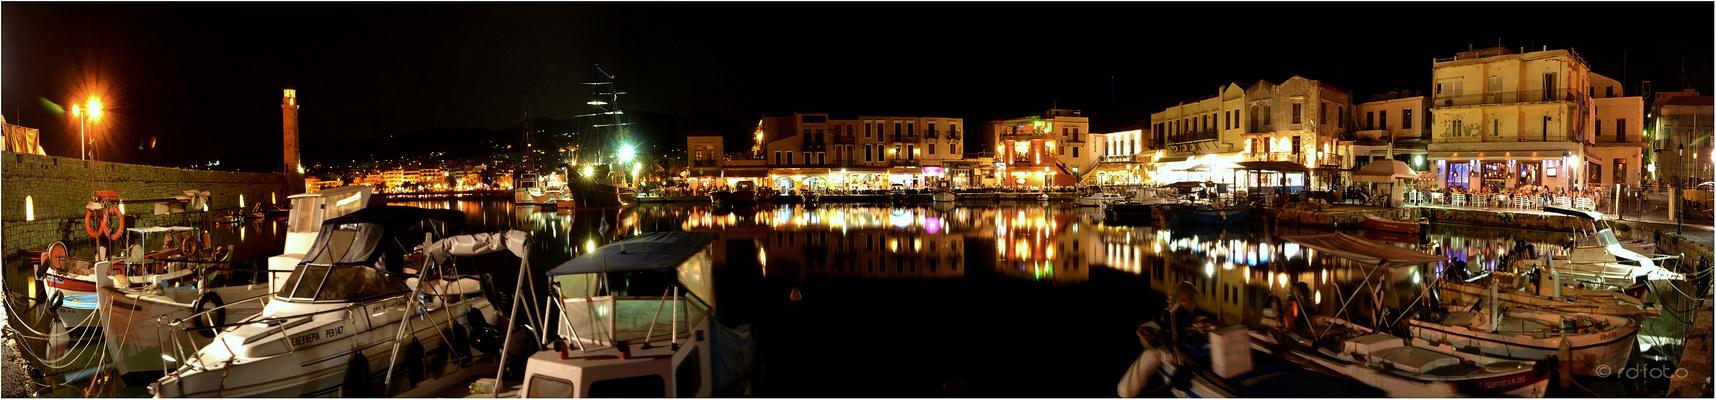 Alter Fischereihafen Rethymnon, Kreta